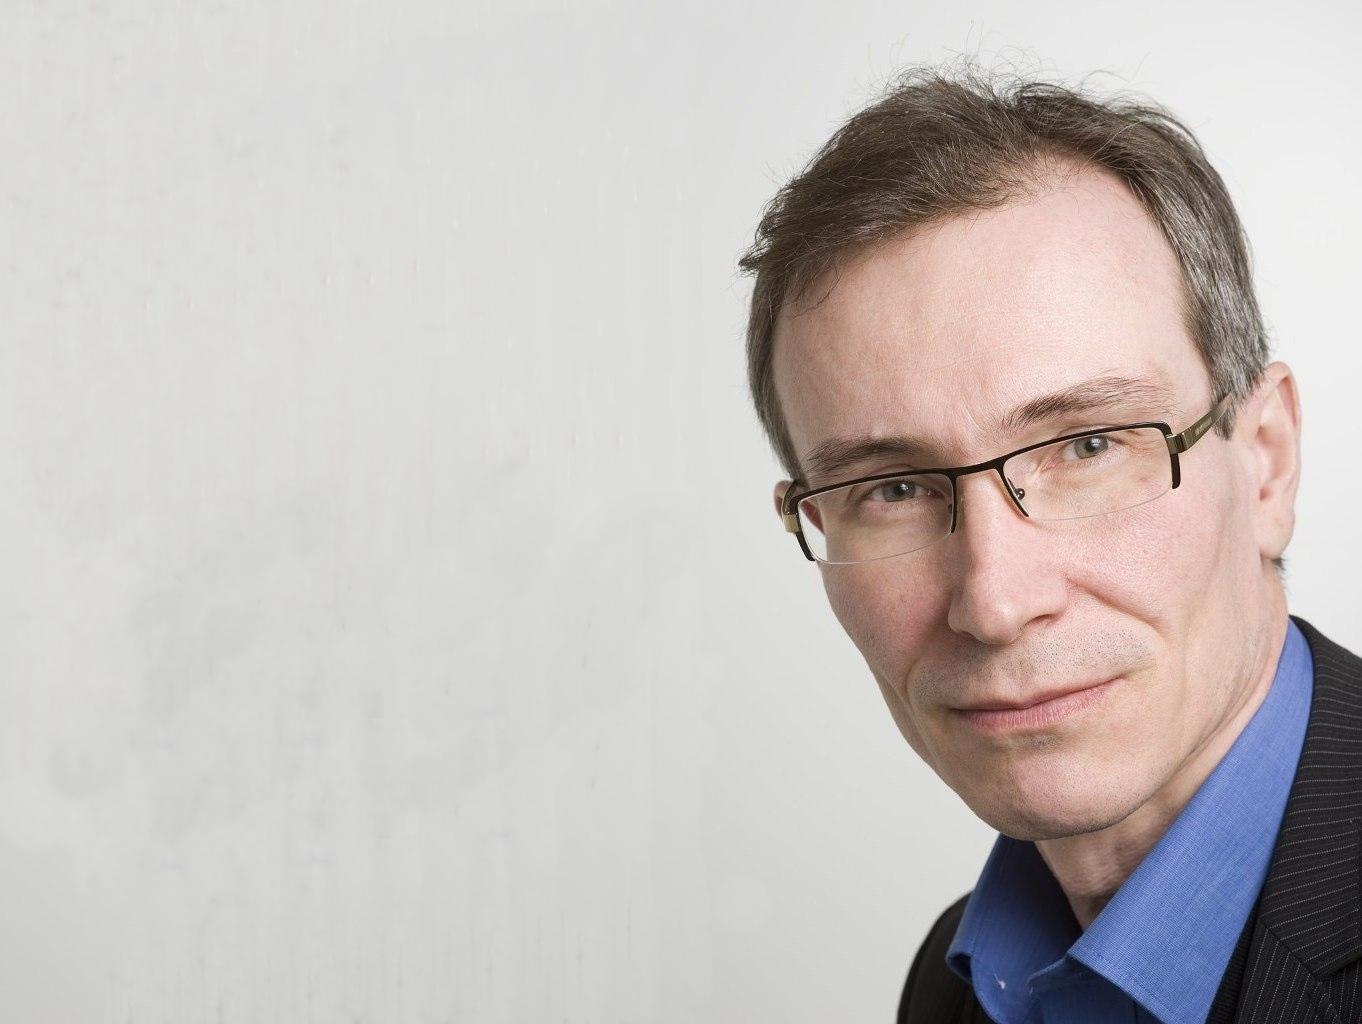 Pekka Puhakka